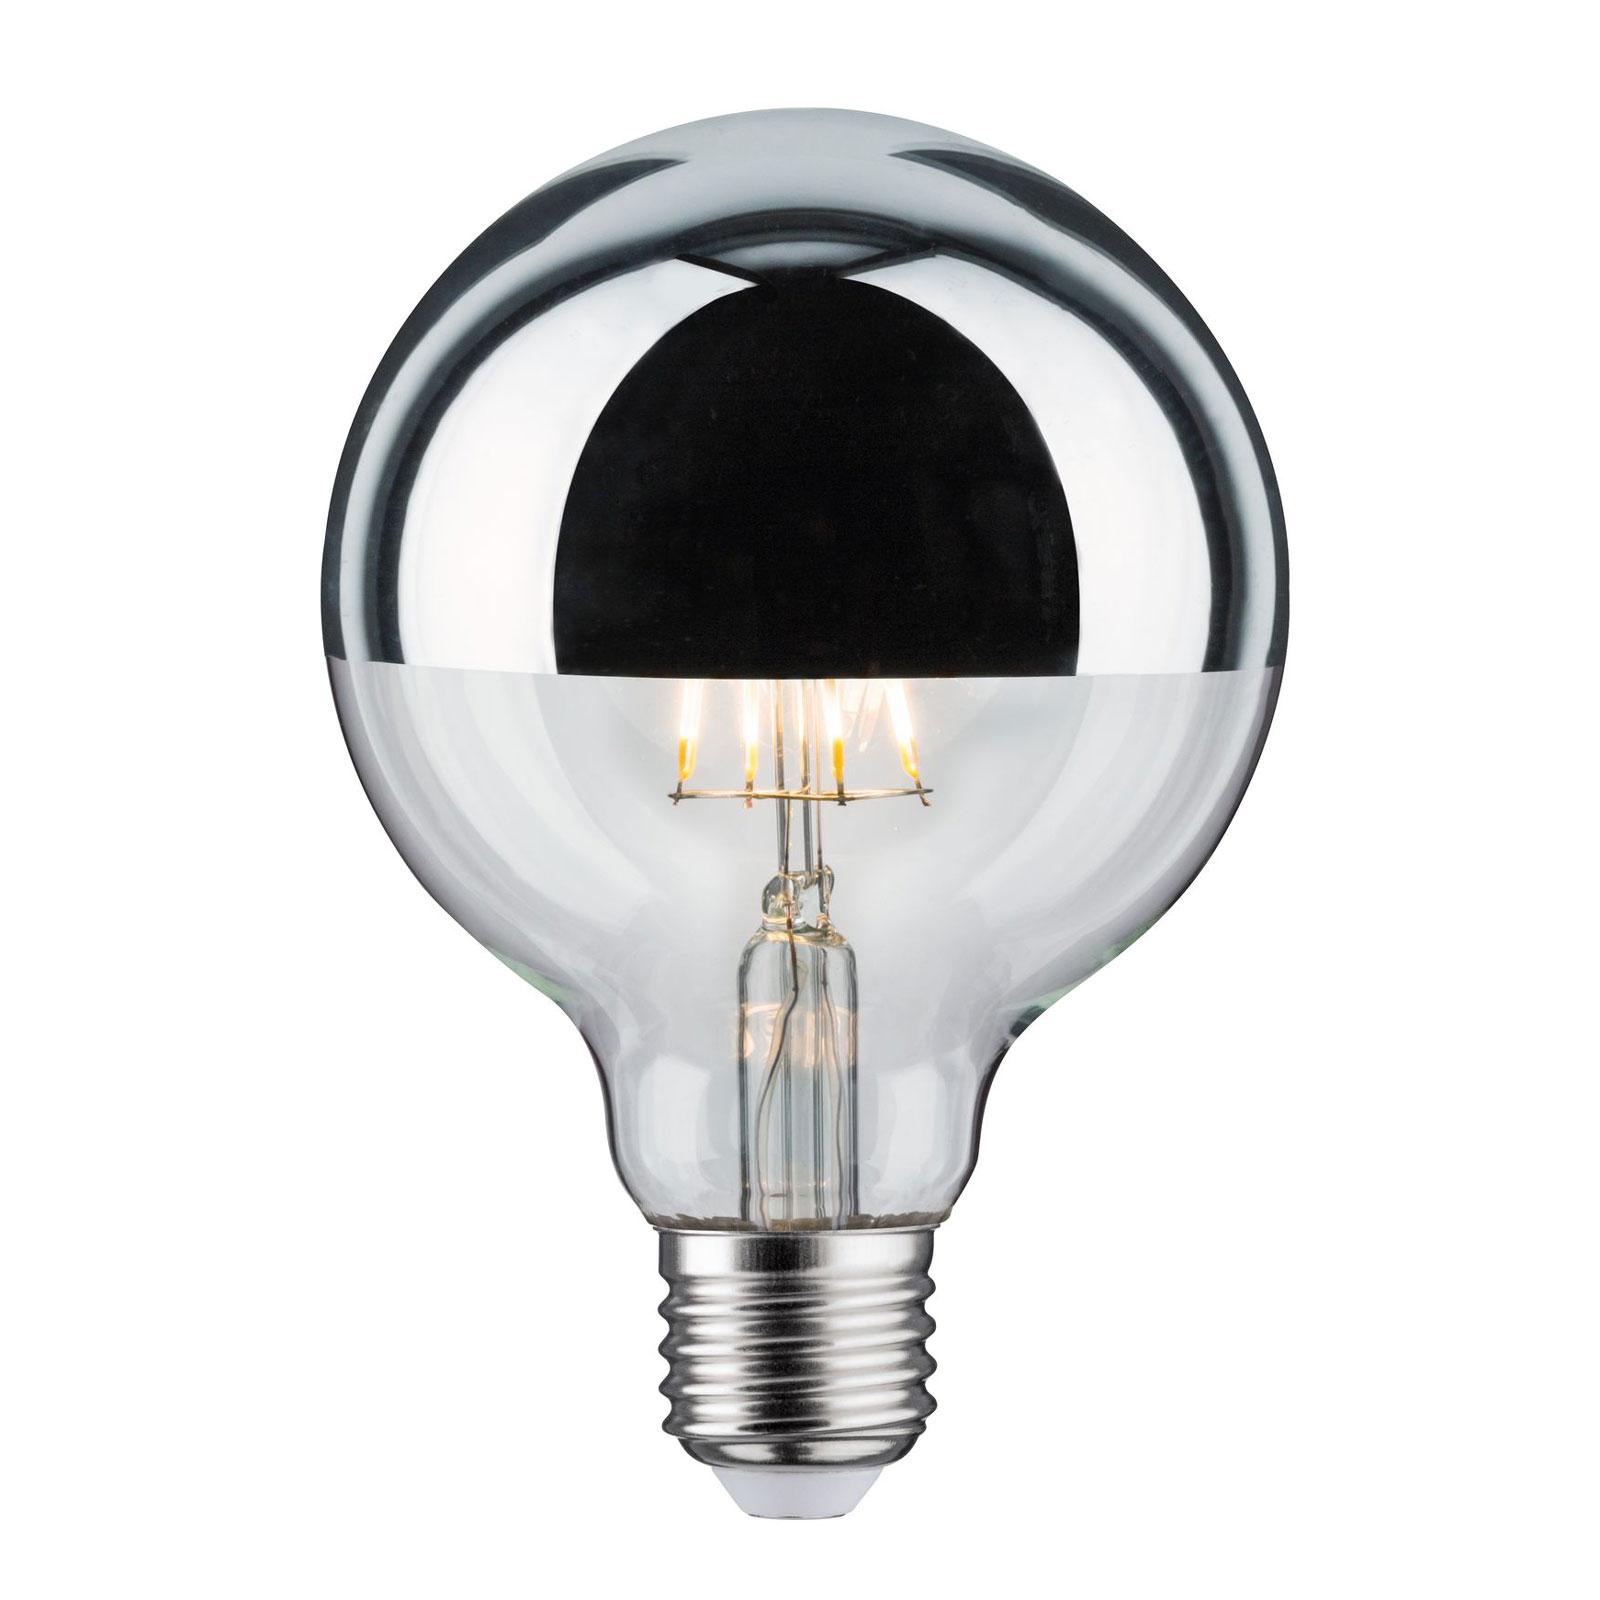 Lampadina LED E27 827 6,5W dicroica argento